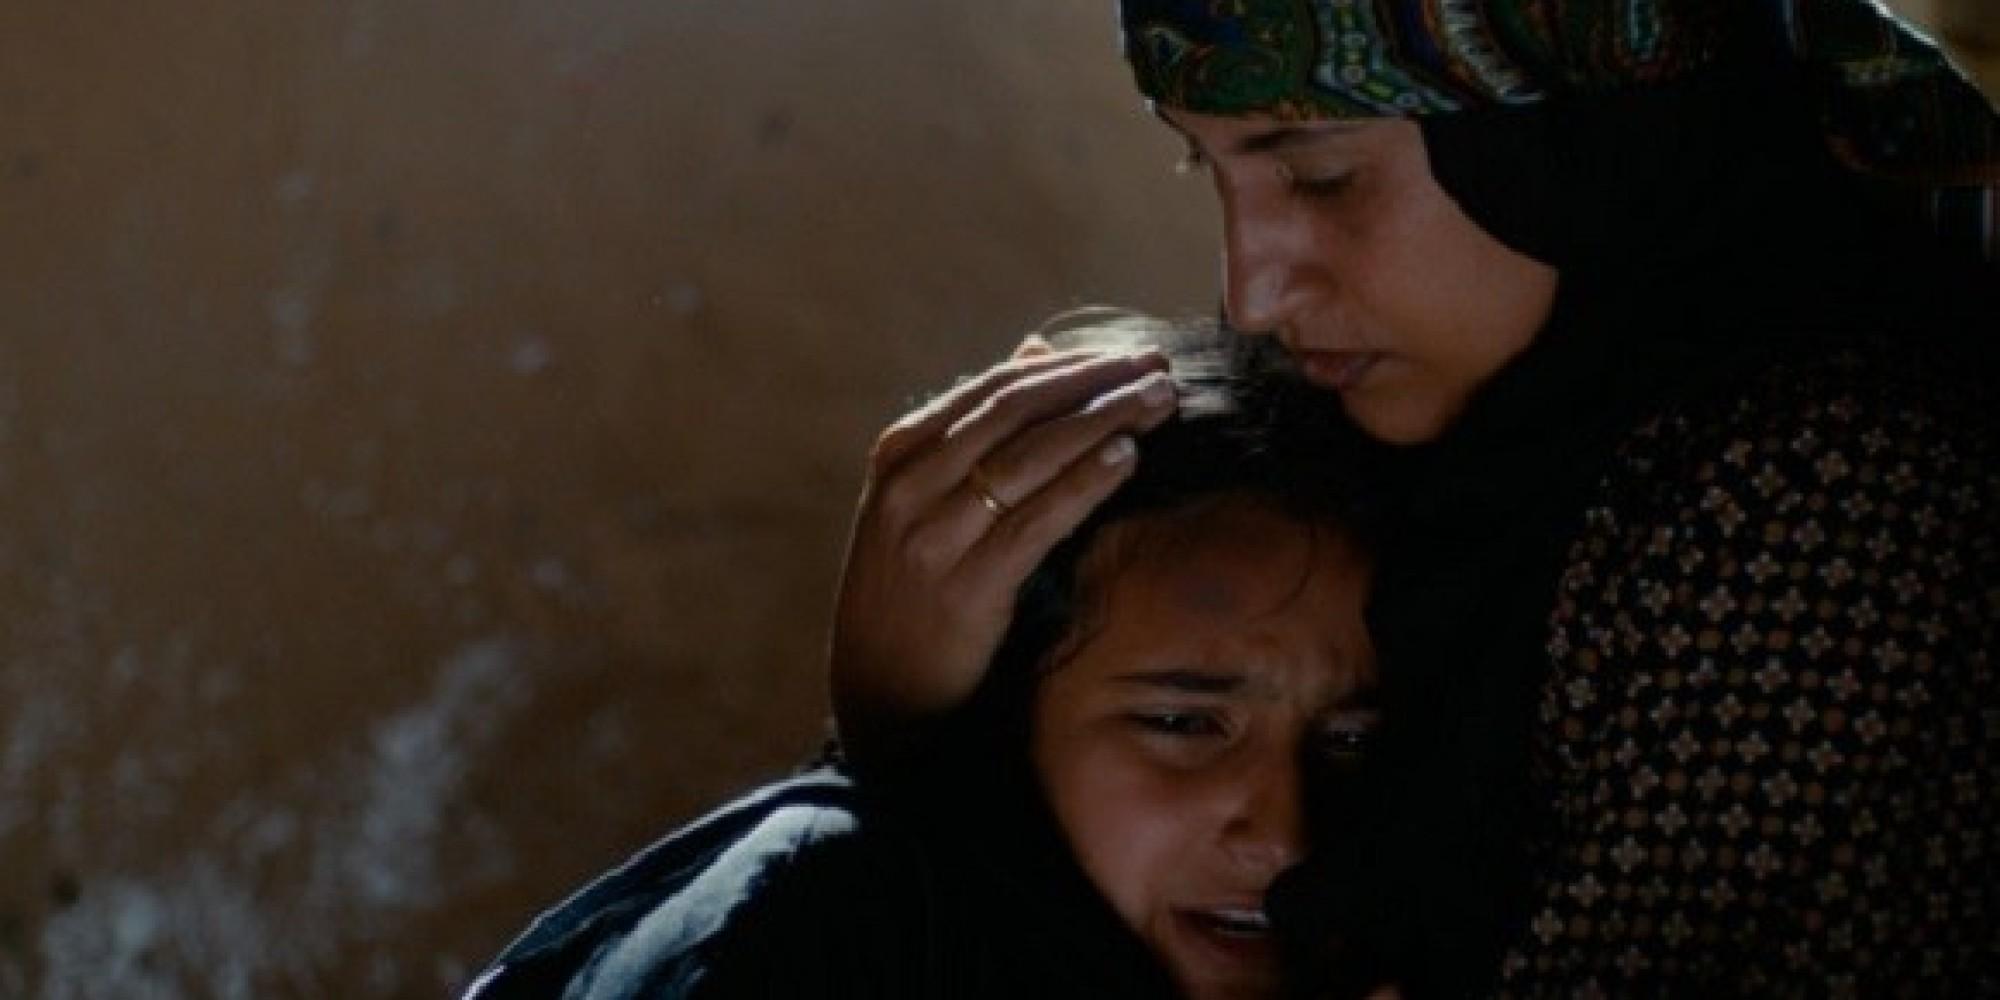 un film ymnite sur le mariage forc dune fille mineure louverture de la comptition du fica - Yemen Mariage Forc